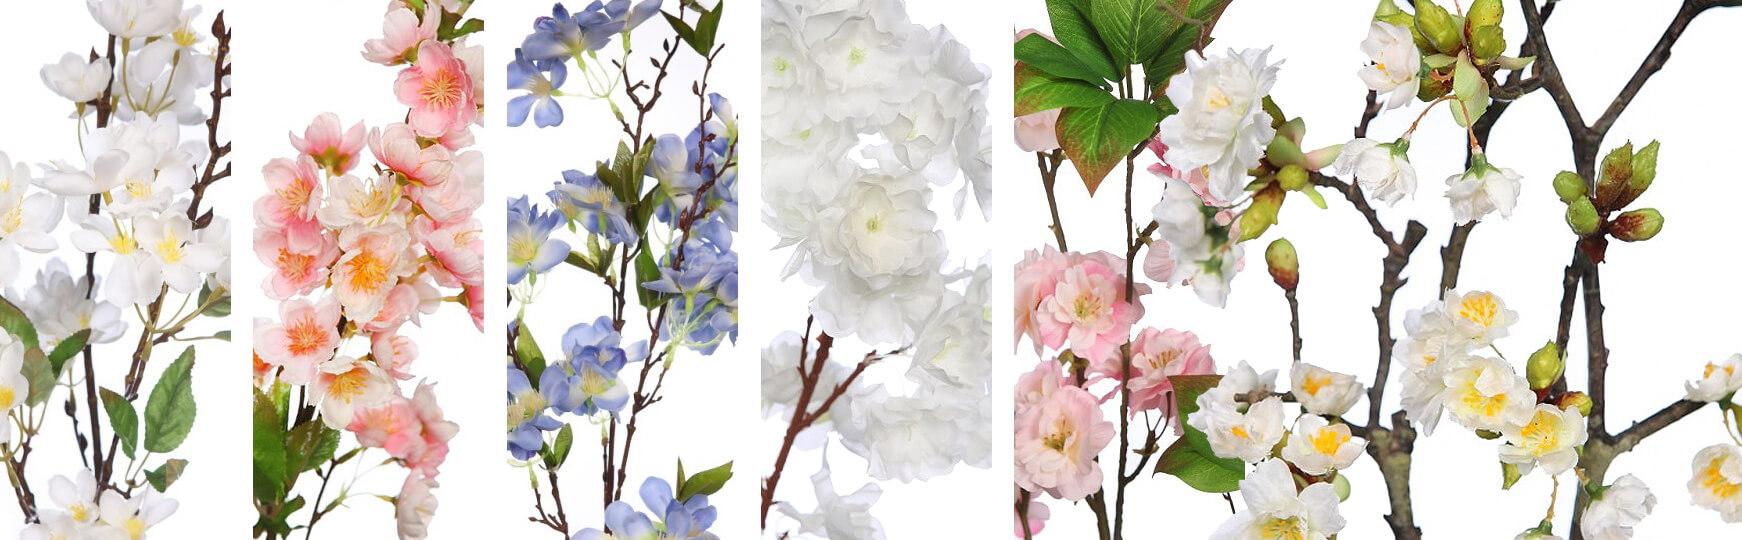 flor de almedro artificial al mejor precio